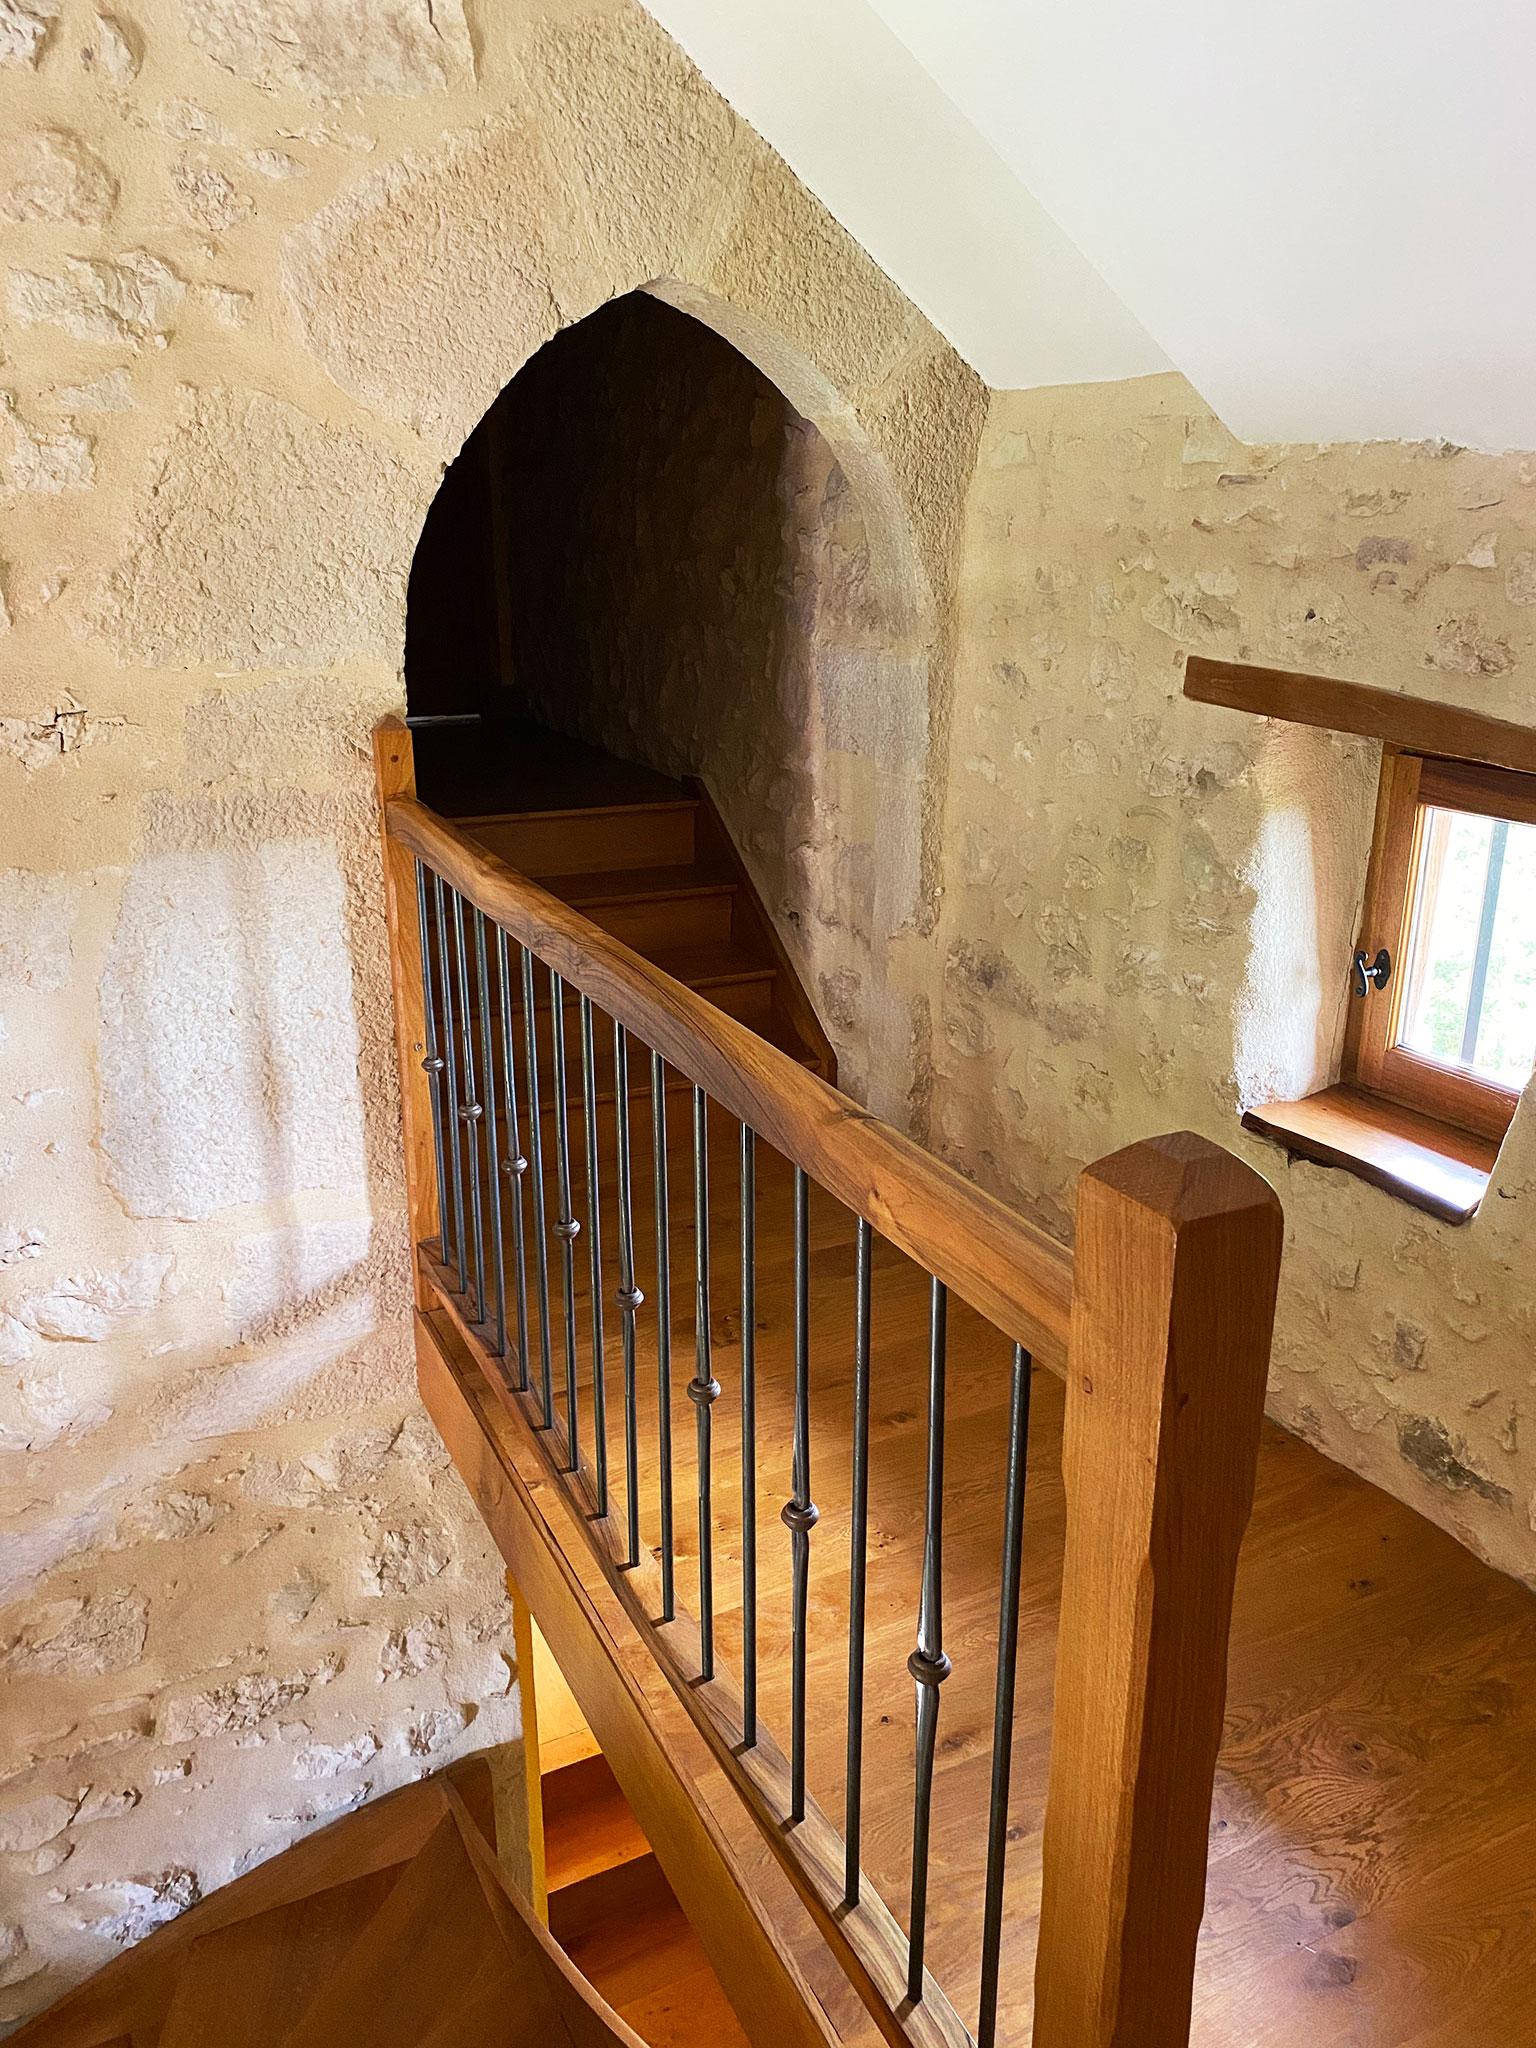 Vues de l'intérieur - Domaine de Tizo